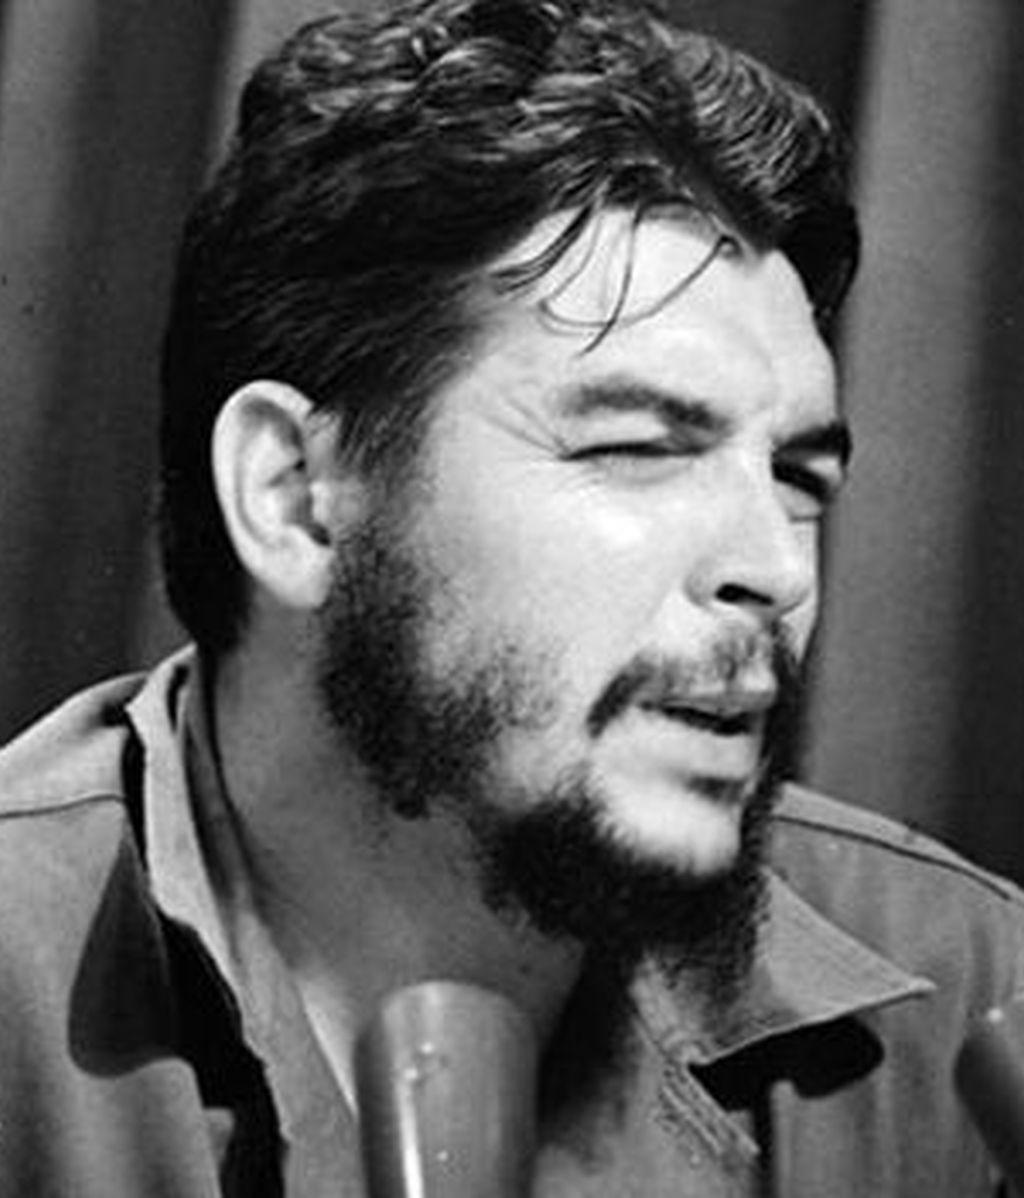 Esta es una de las cinco imágenes de Ernesto Che Guevara que serán subastadan el próximo 27 de junio en Ciudad de México.